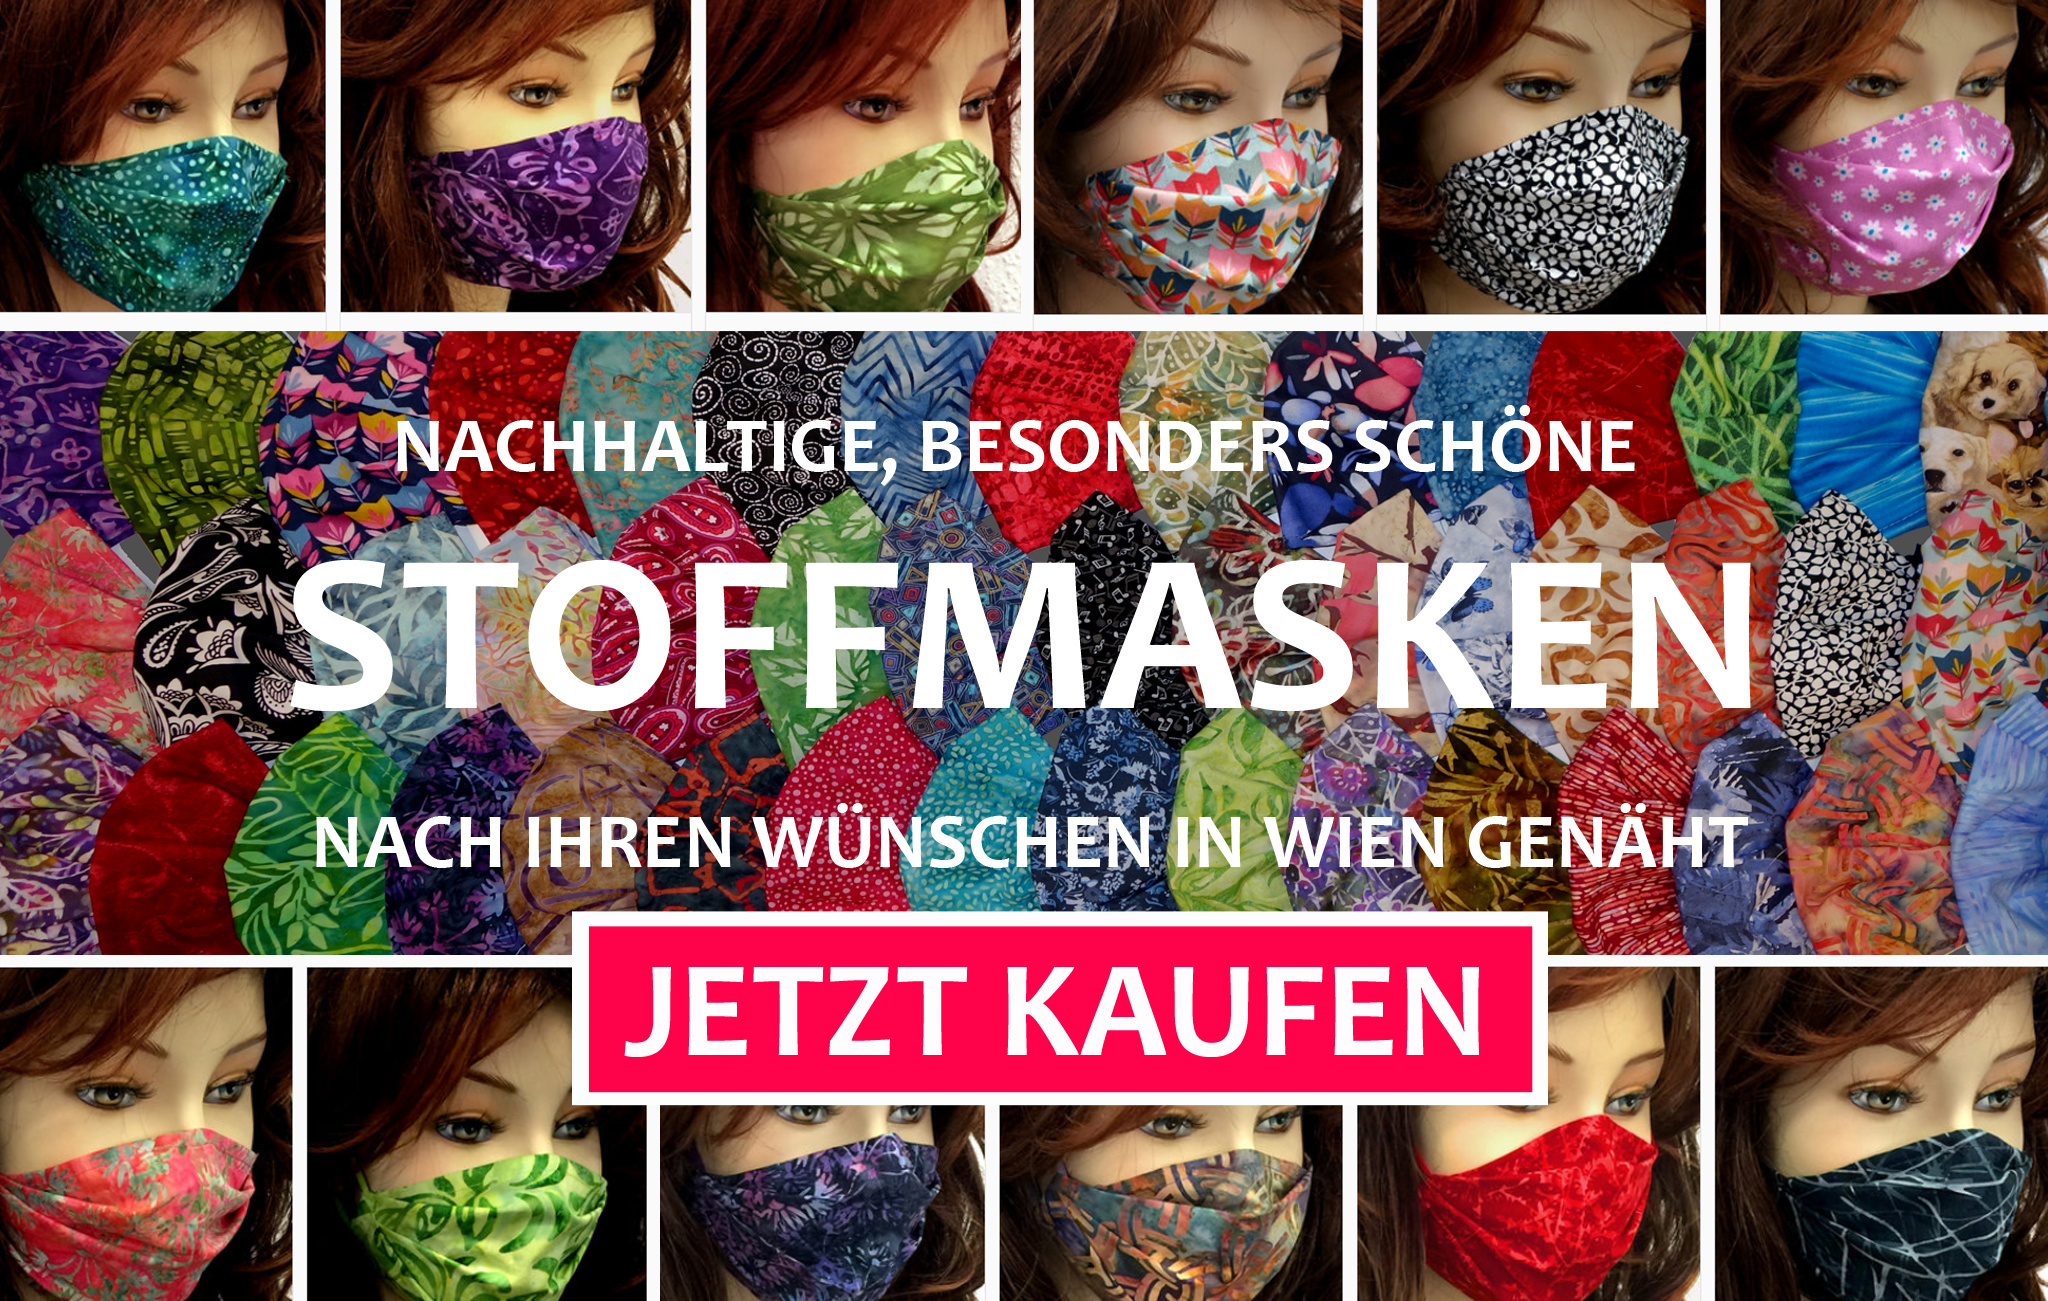 schöne Stoffmasken Mundschutz FFP2 Masken kaufen, Atemschutz Masken Modemasken Kindermasken Damenmasken Herrenmasken Wien Österreich regional produziert